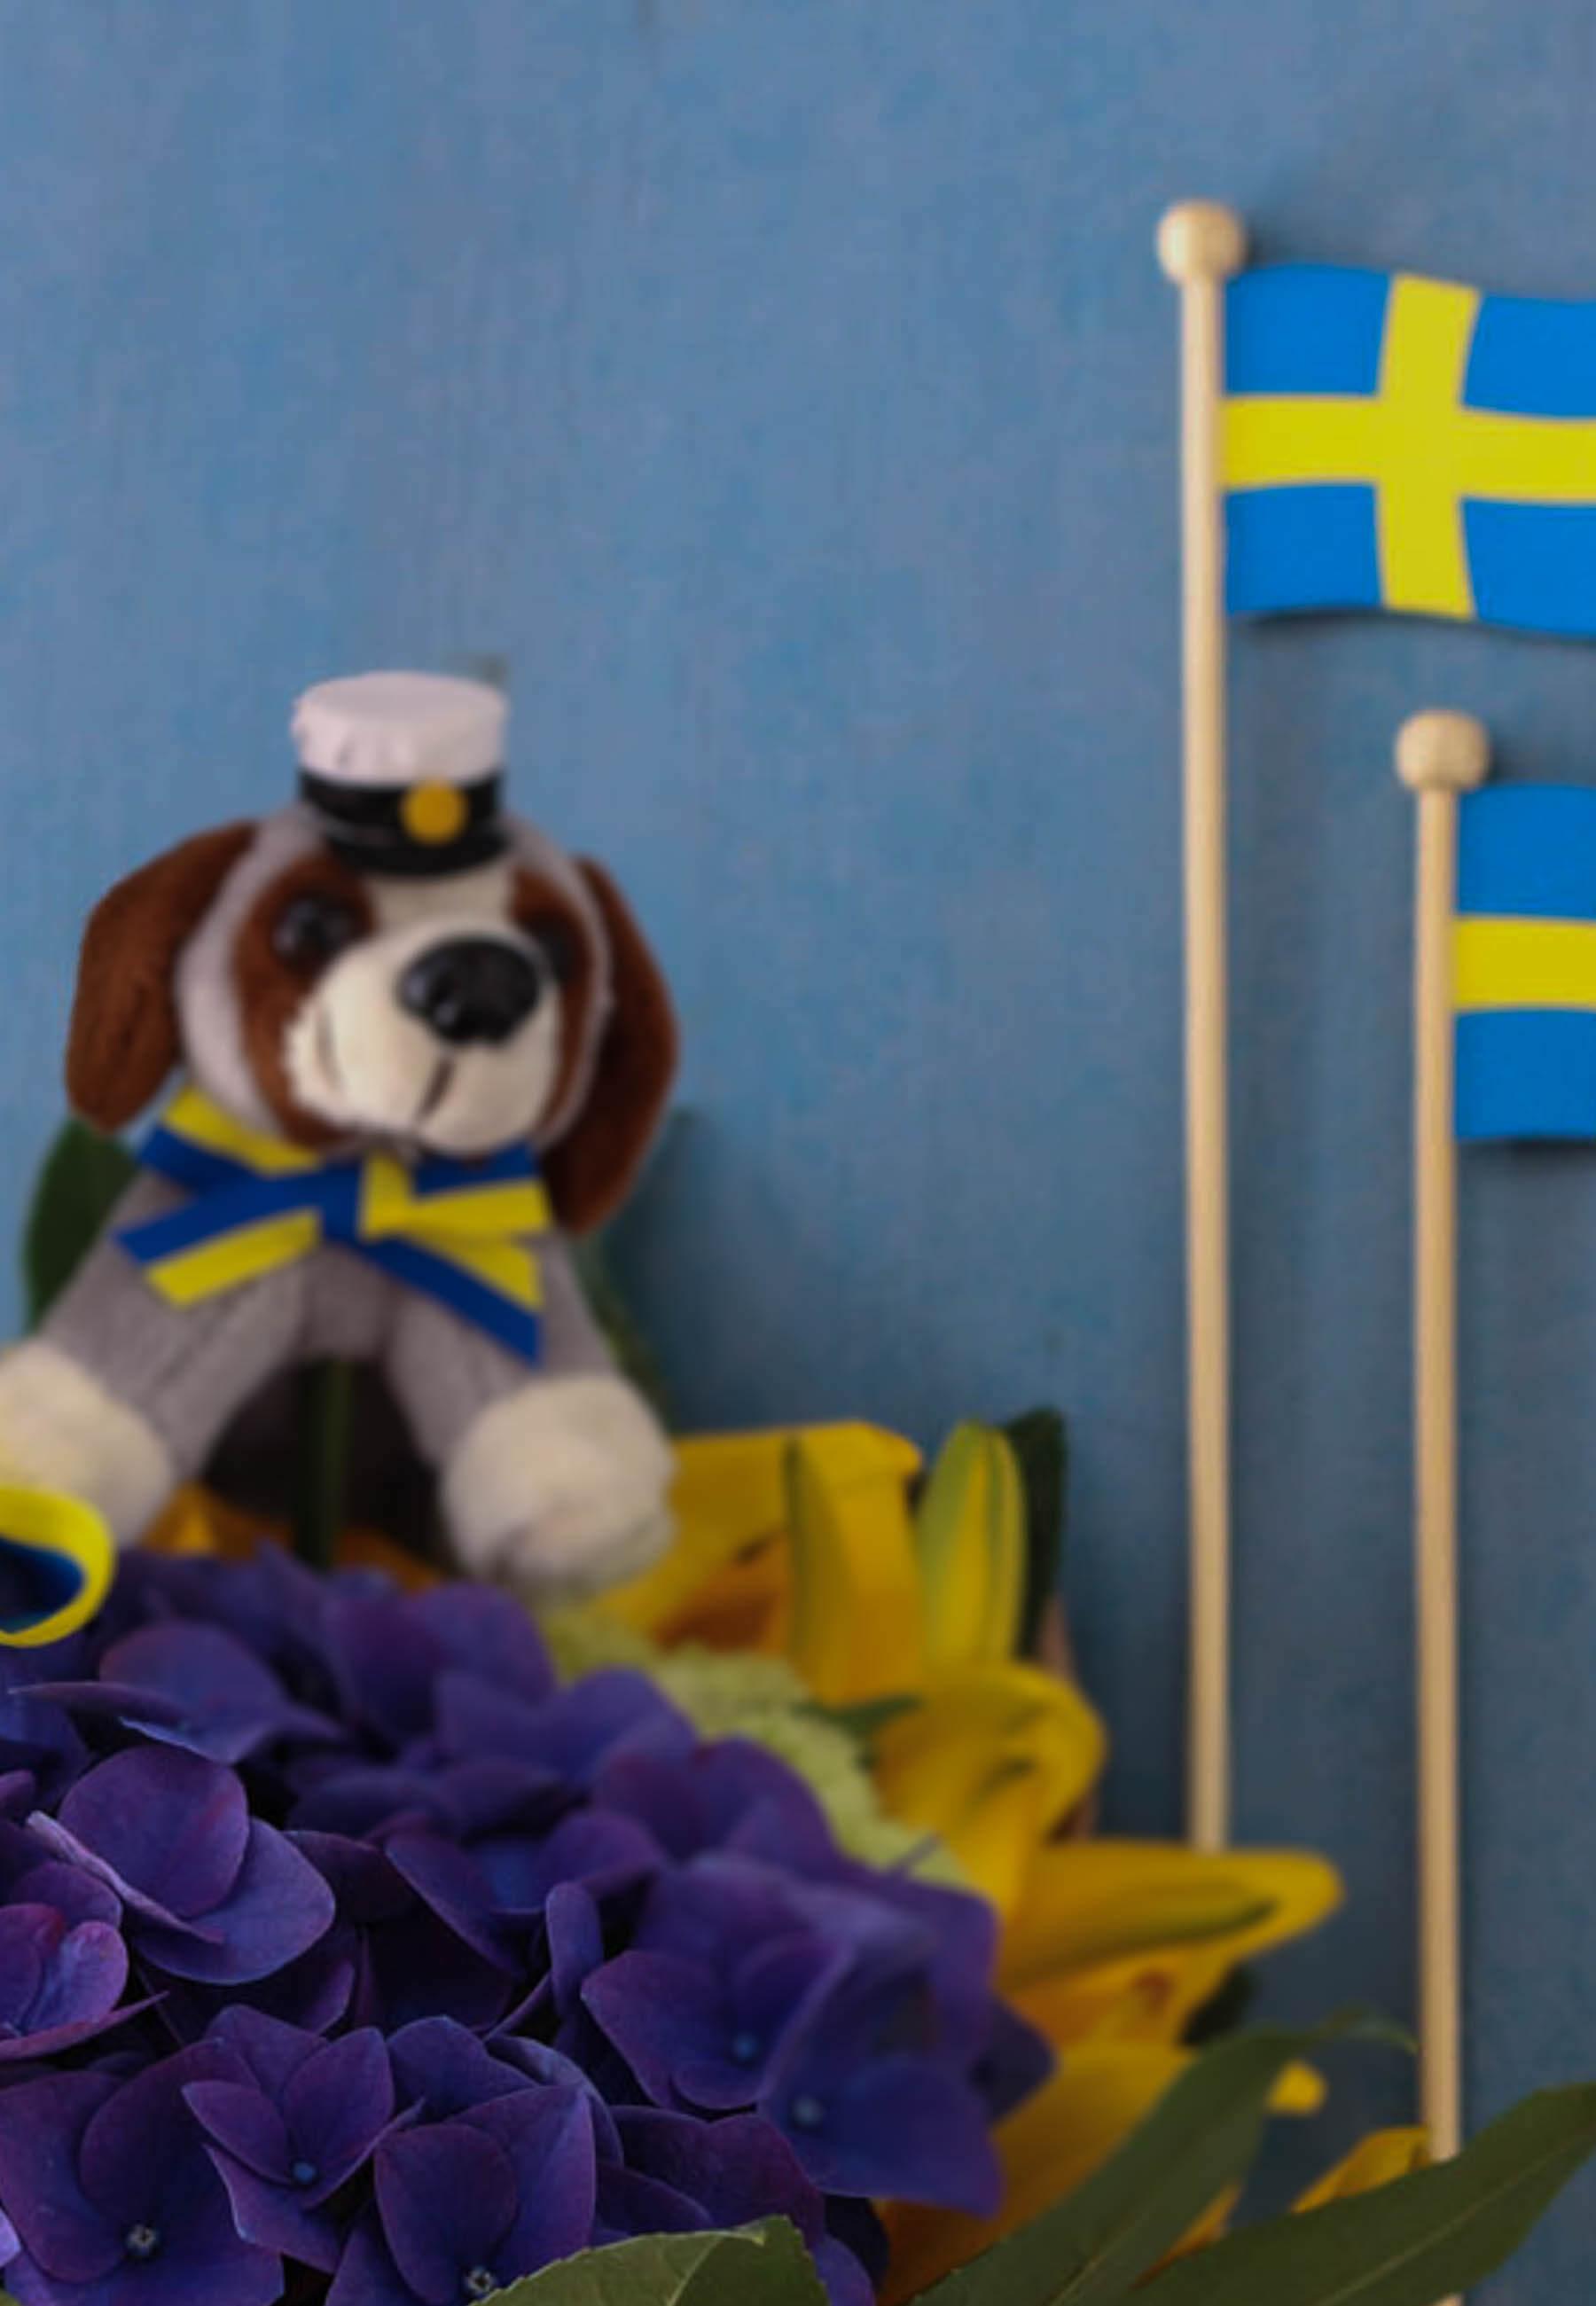 Fira studenten med fina buketter, maskotar och flaggor! Blommor i blått och gult.